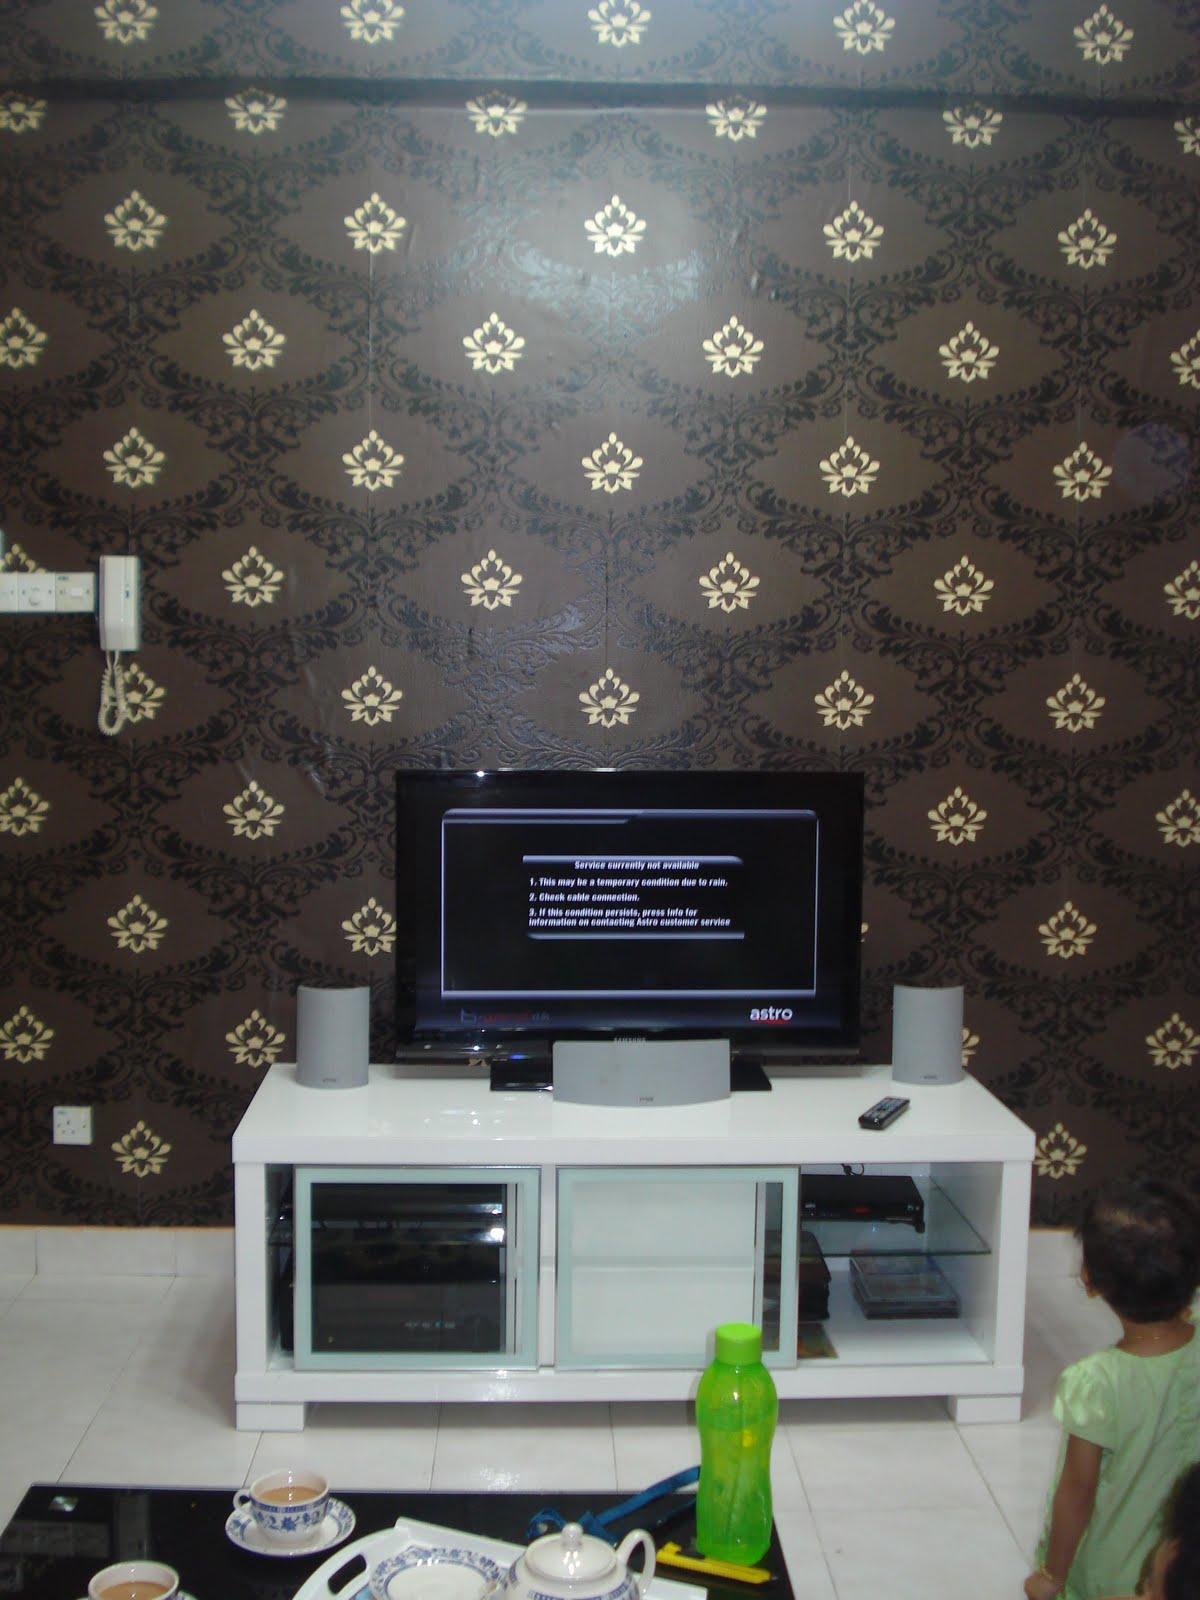 http://4.bp.blogspot.com/-mZTDhsCpfXw/TghFeAX756I/AAAAAAAAAjk/TxltV5UBagc/s1600/DSC06100.JPG